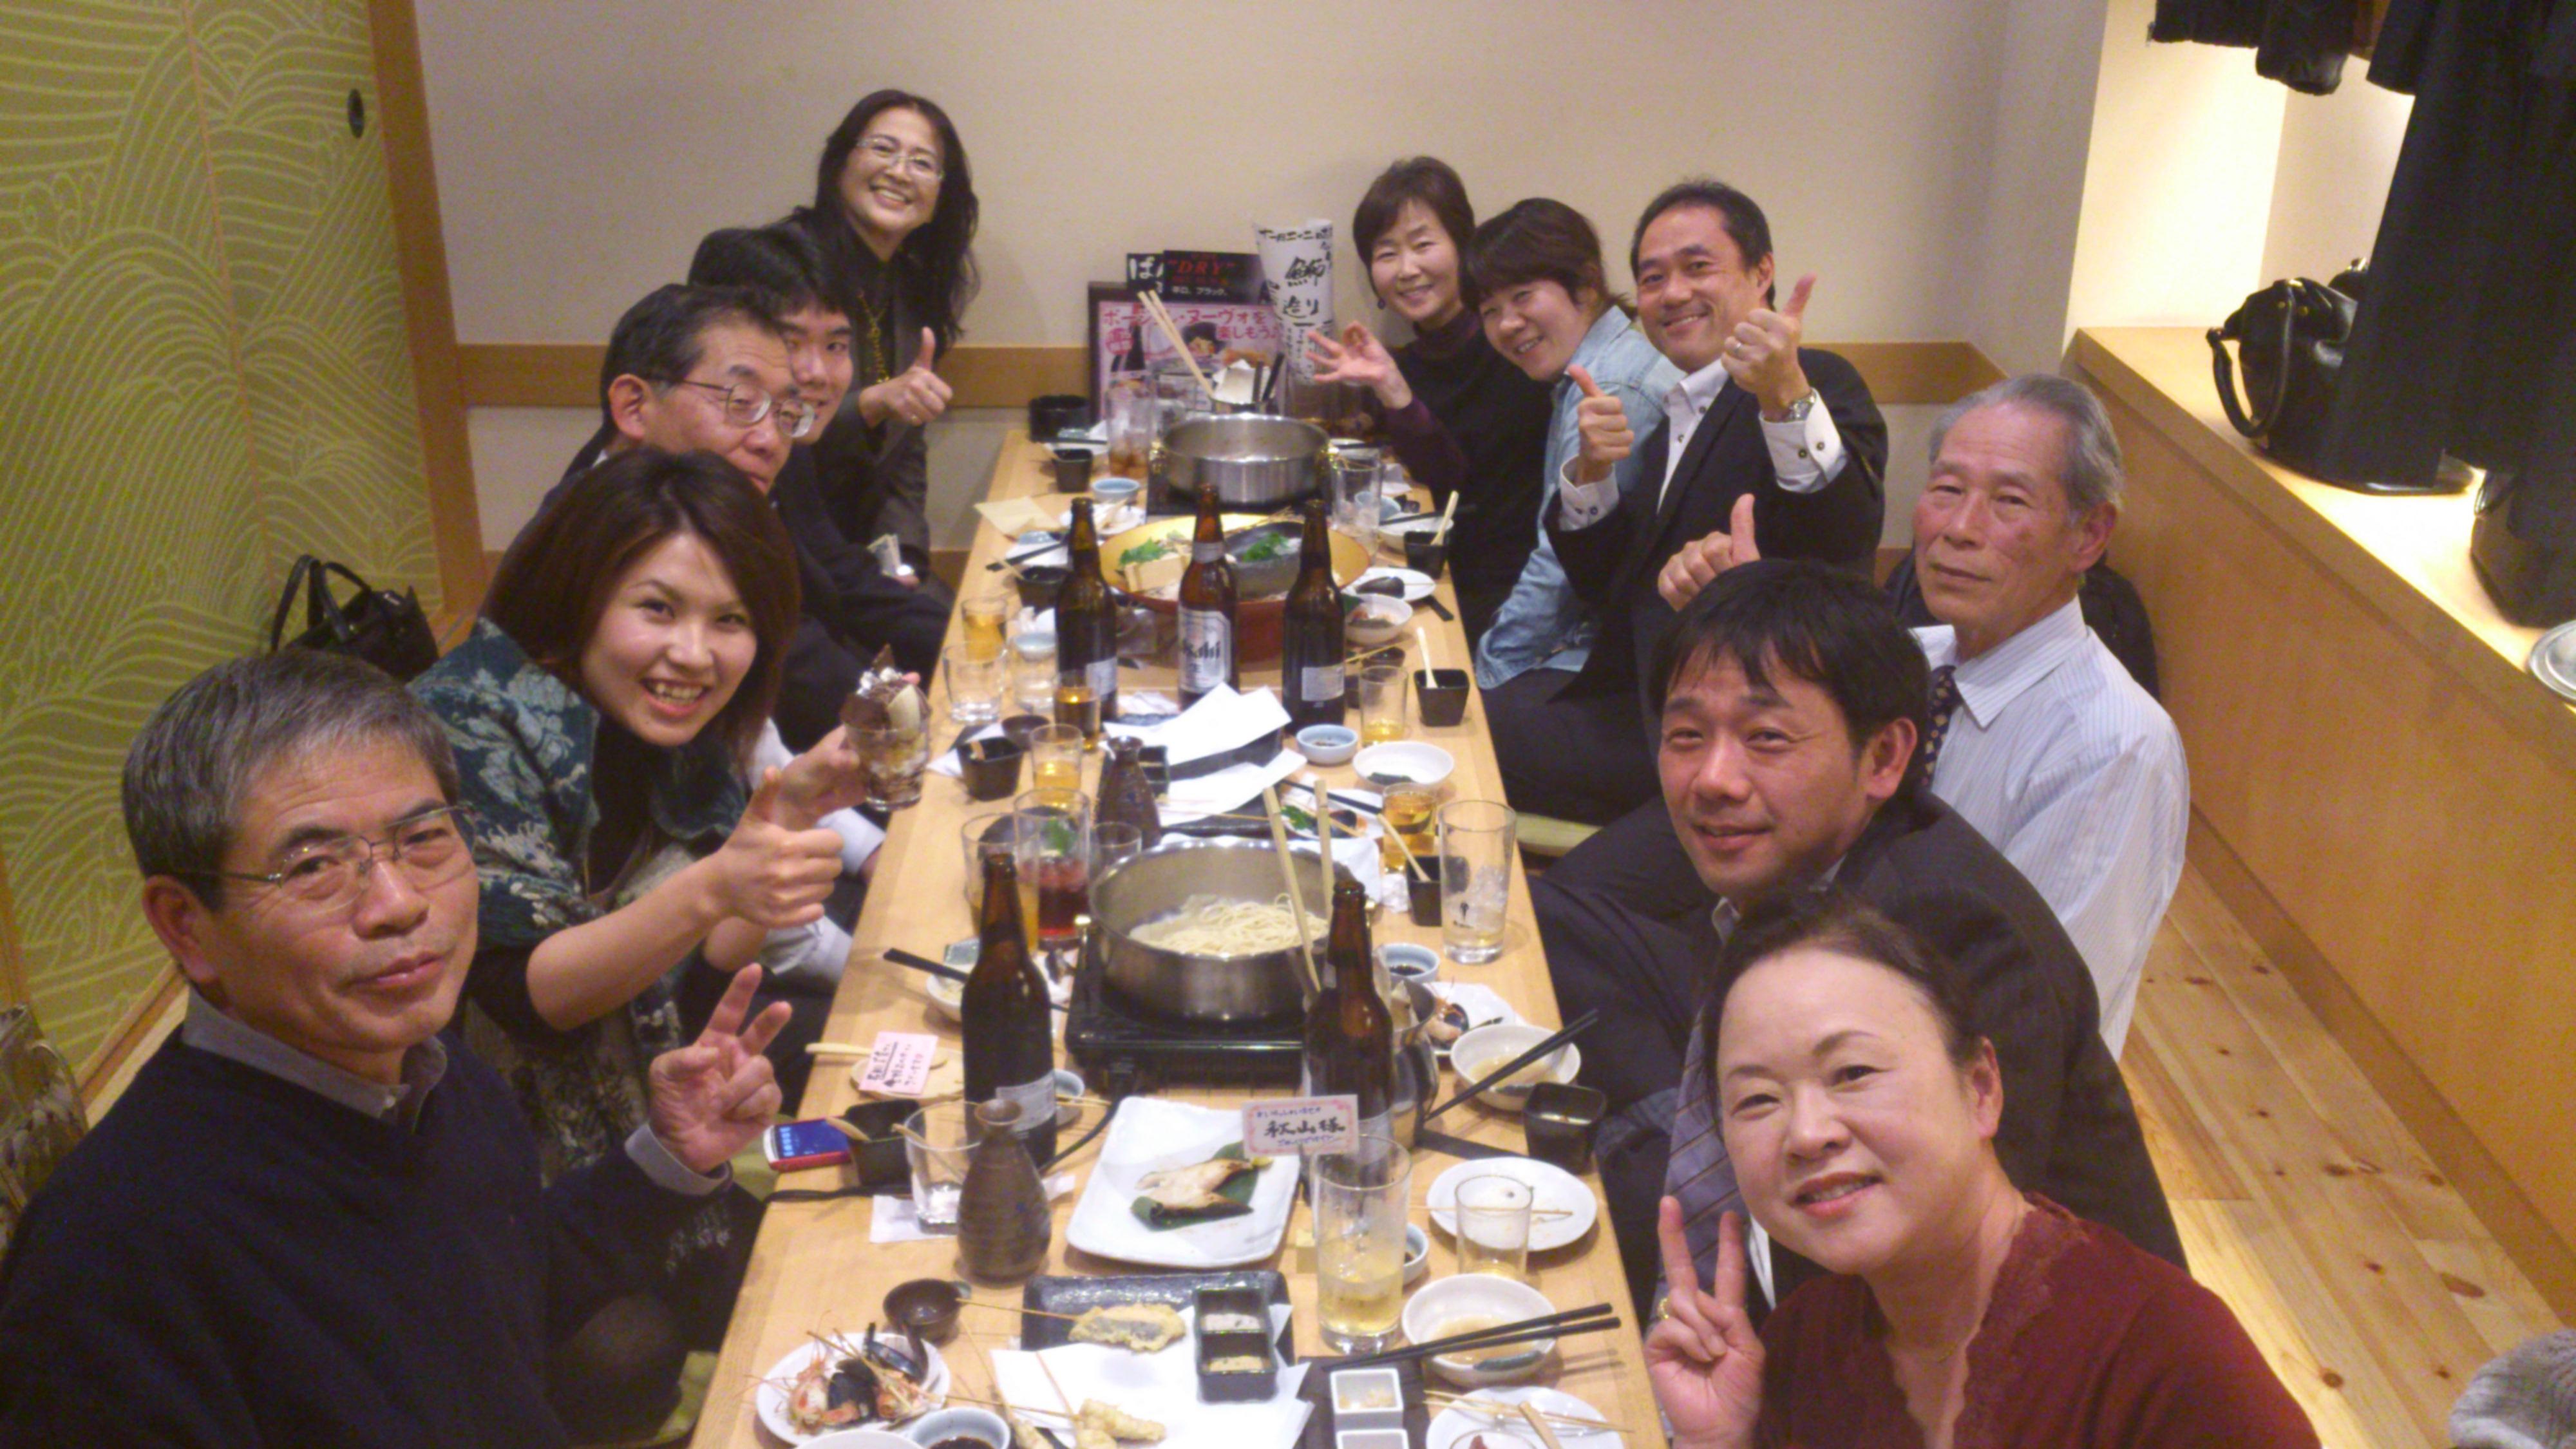 年金相談員 忘年会 2012.11.22.jpg